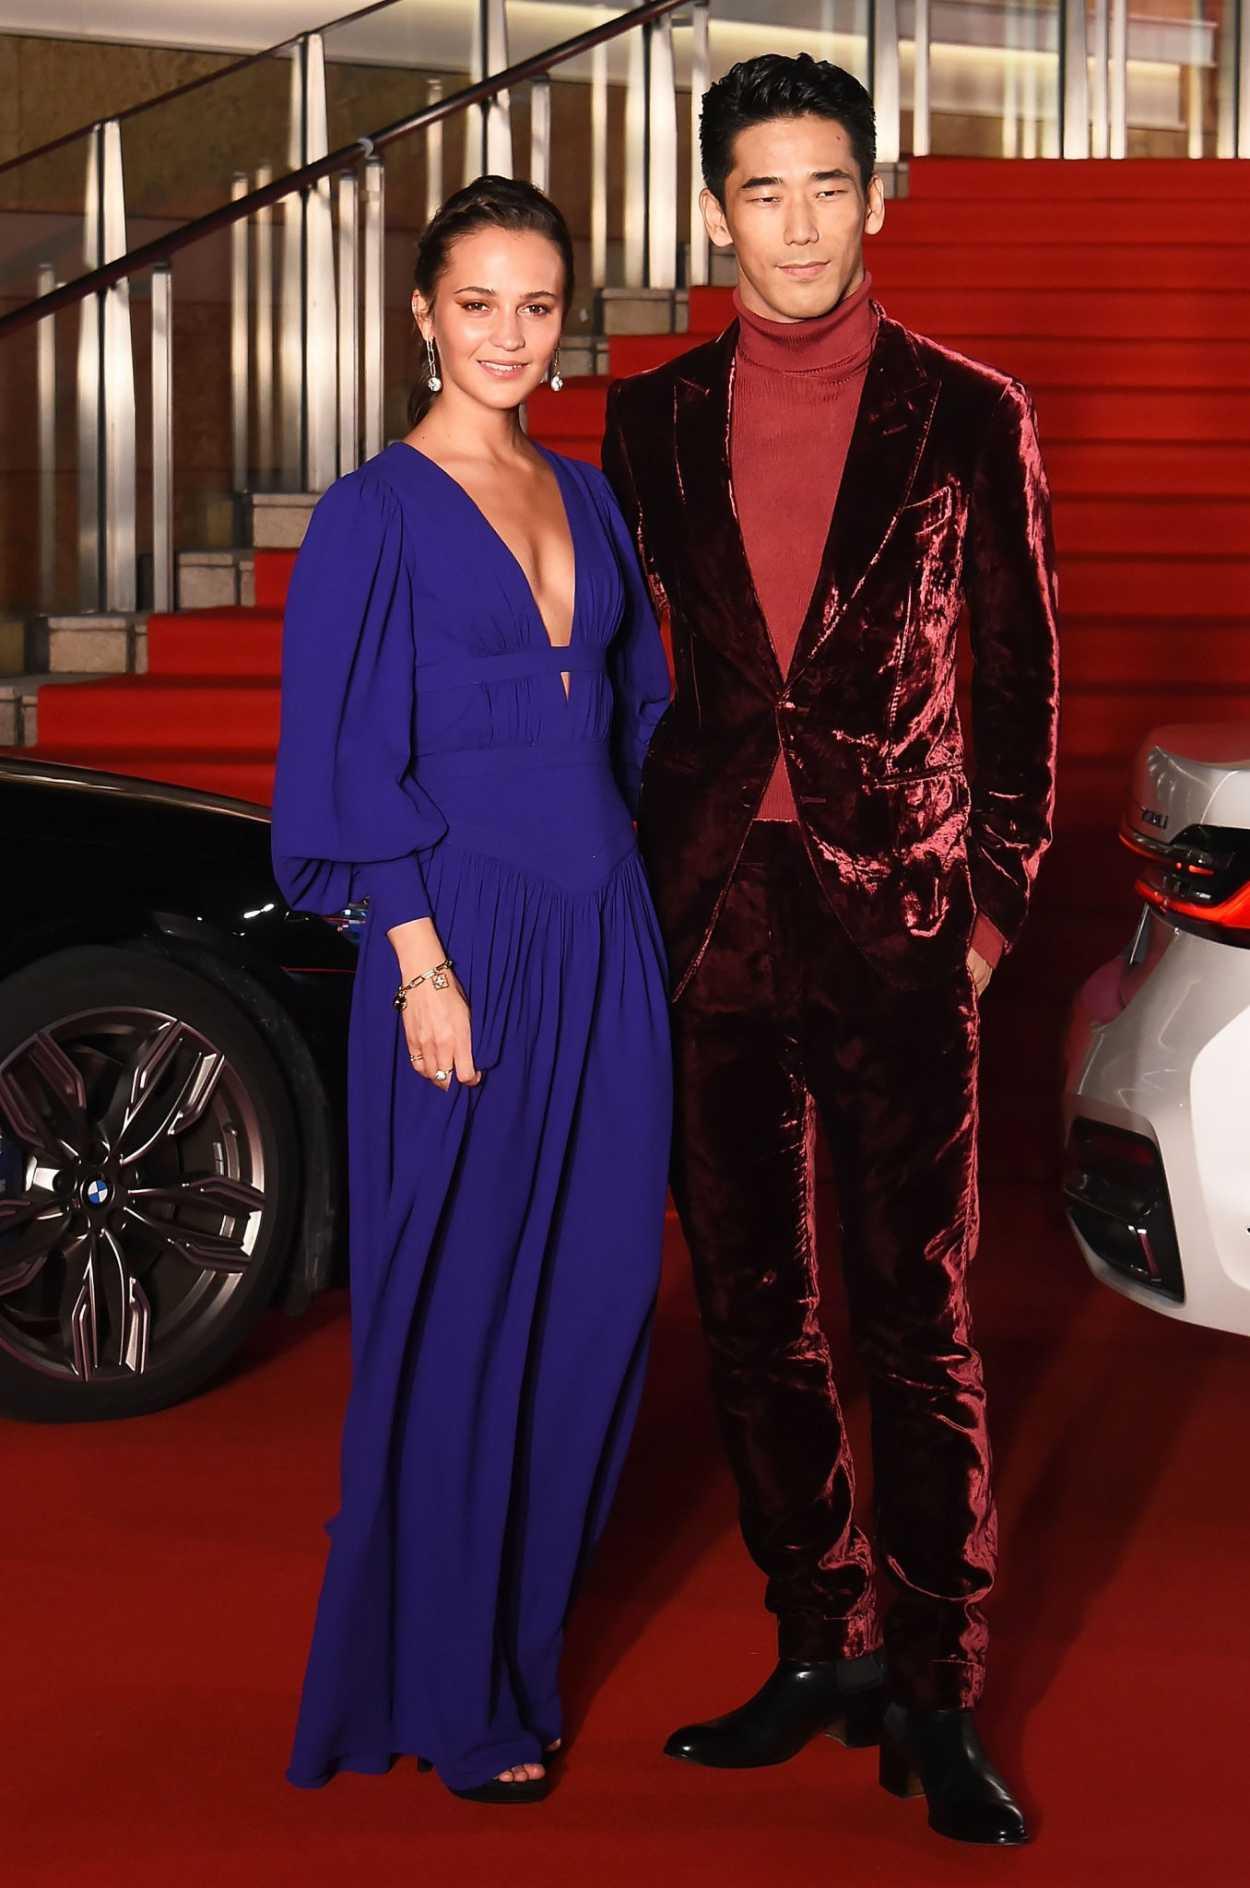 Alicia Vikander Attends 2019 Tokyo International Film